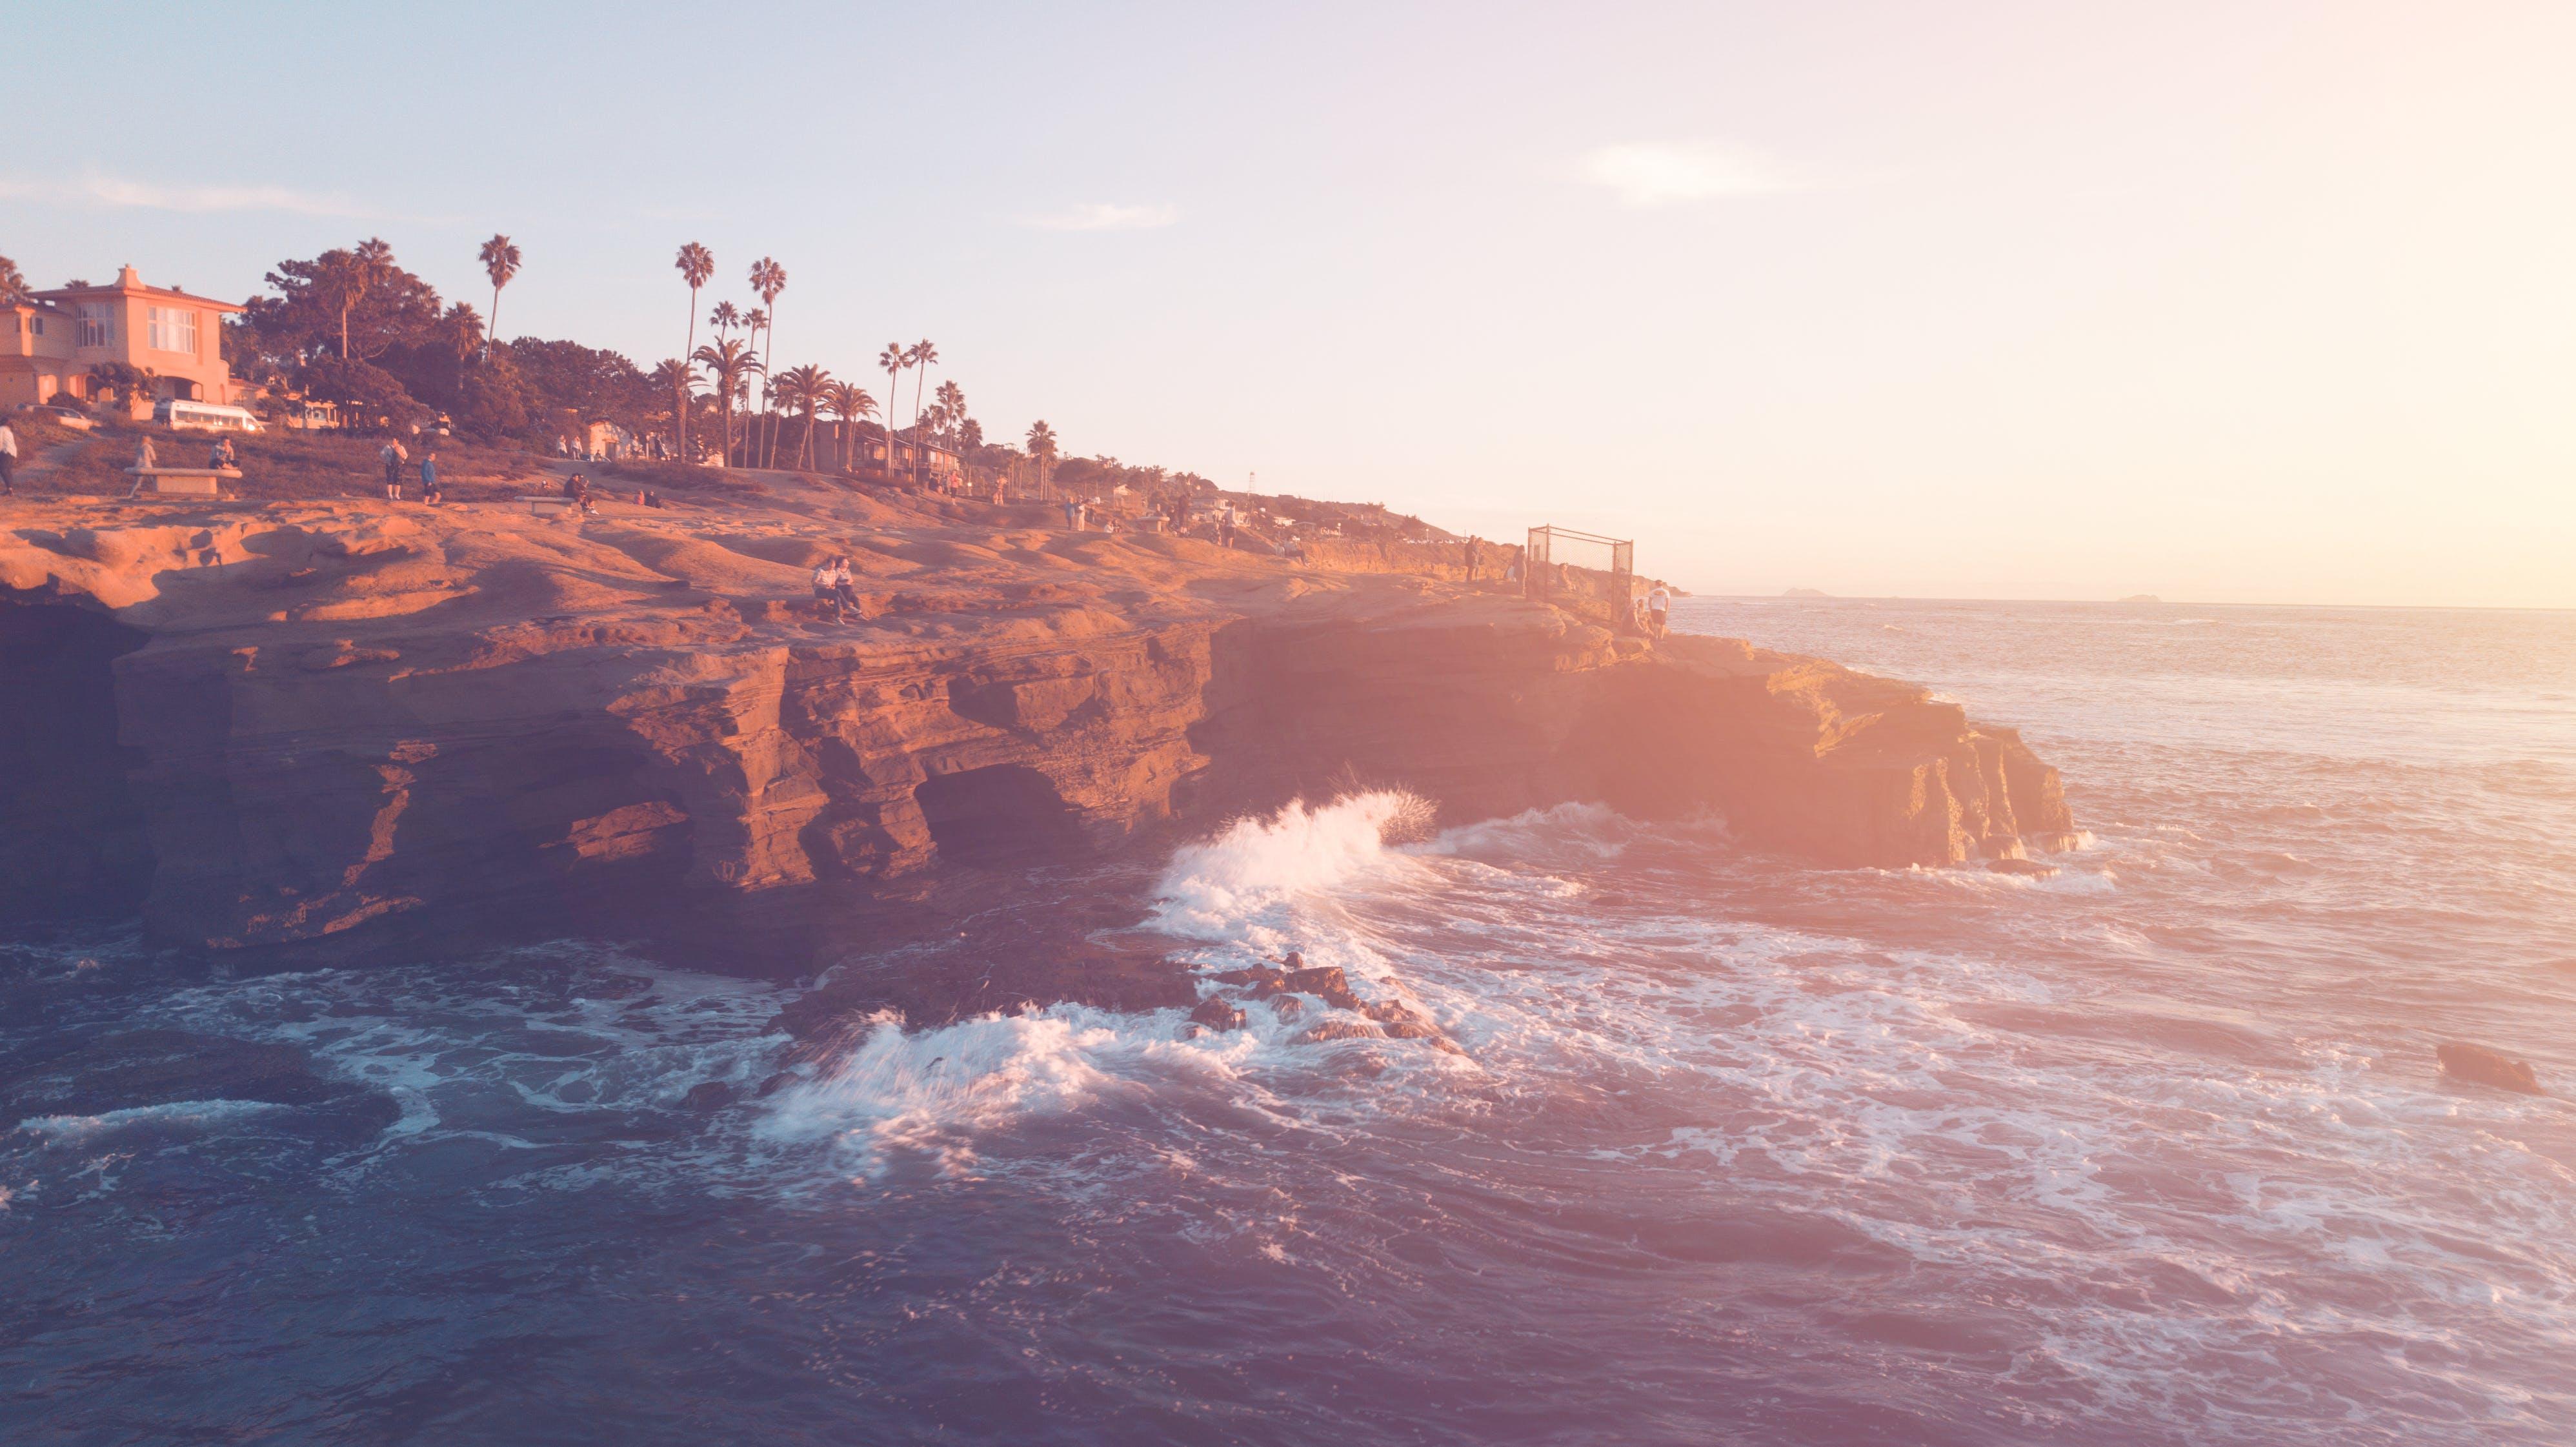 Brown Cliff Beside Ocean Under Blue Sky